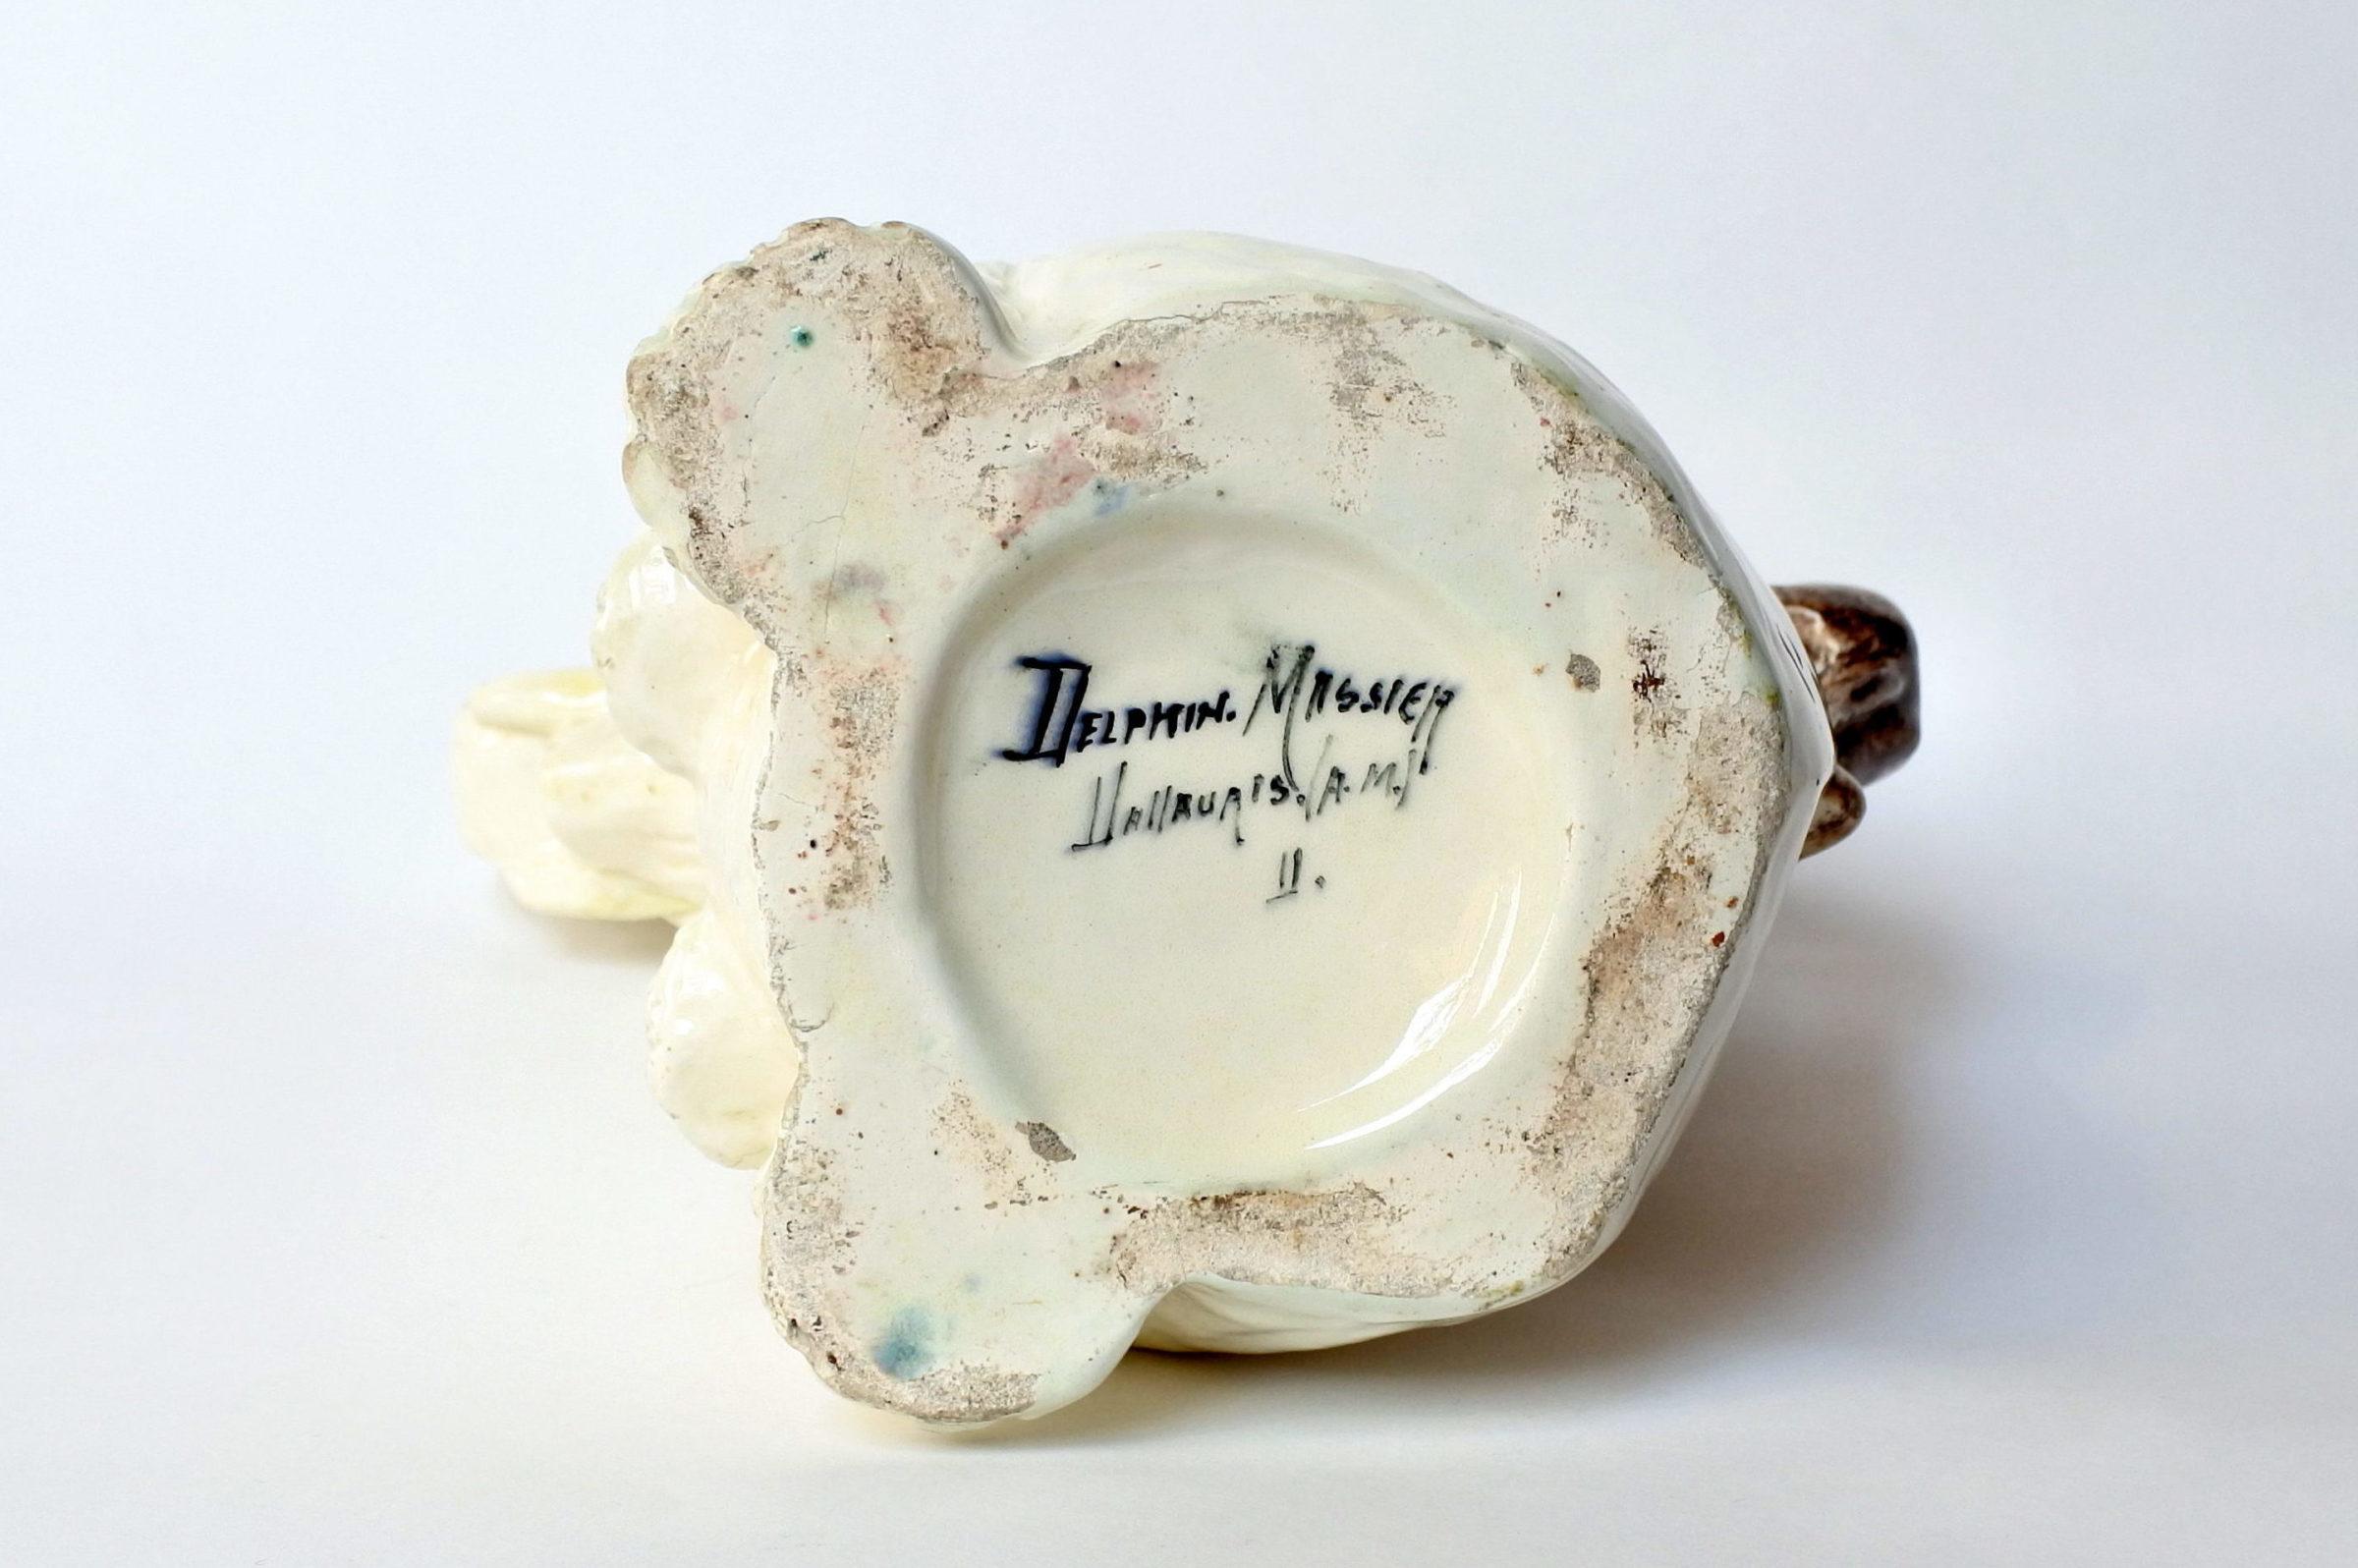 Rarissima brocca Massier in ceramica barbotine a forma di elefante con scimmia - 8